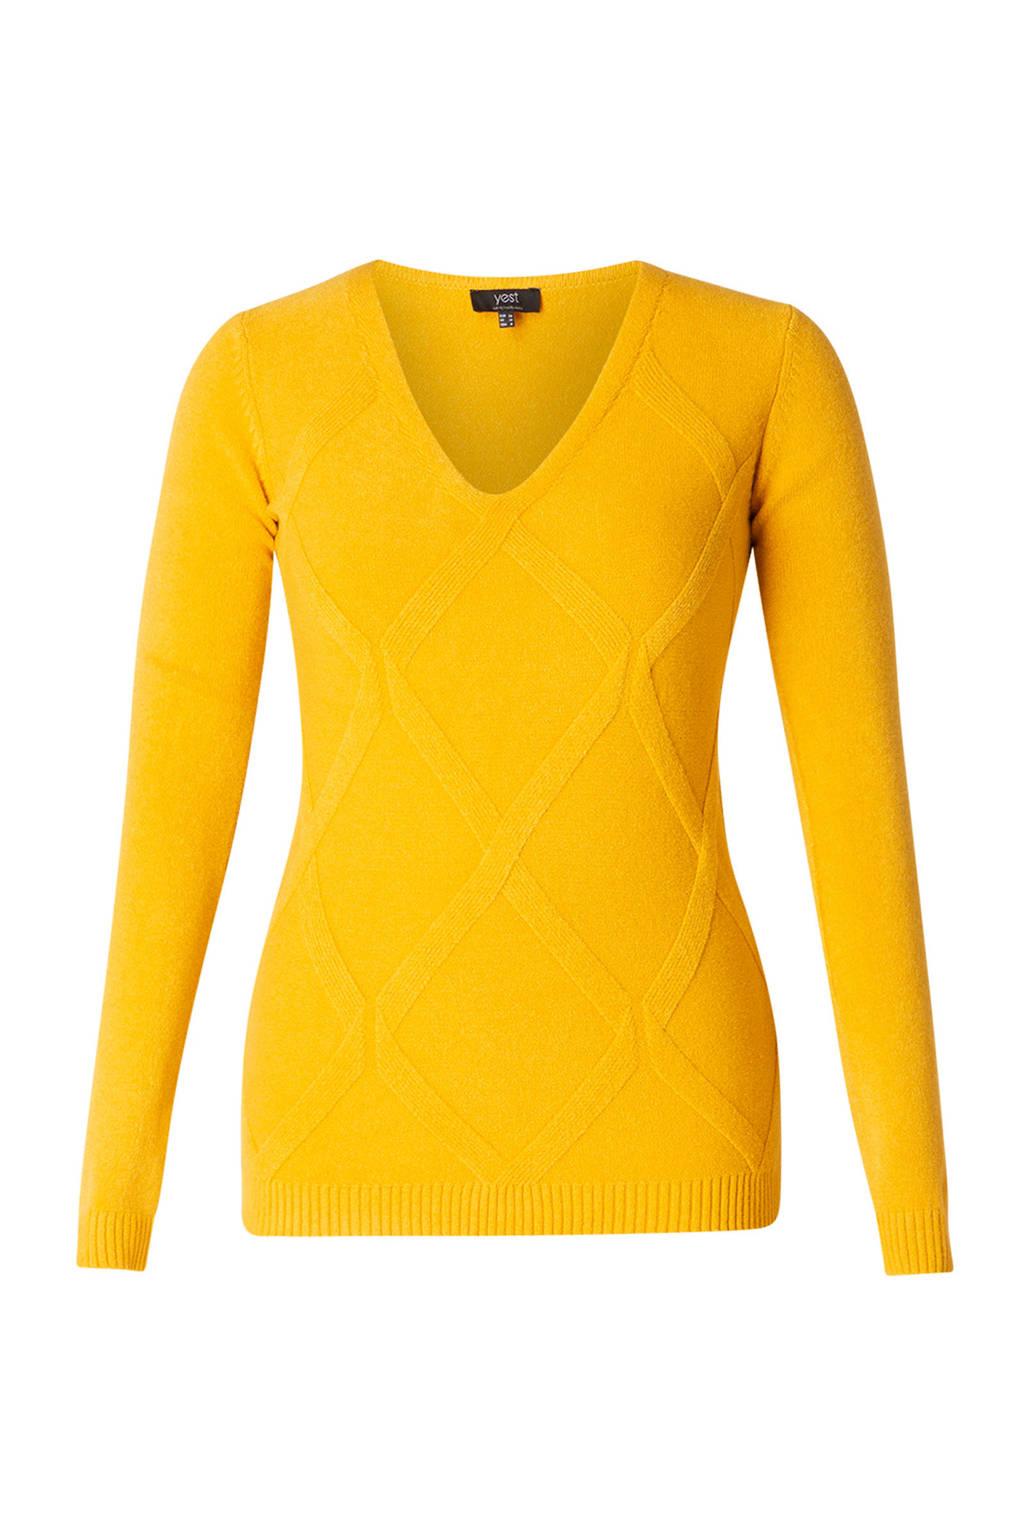 Yest gebreide trui met textuur okergeel, Okergeel